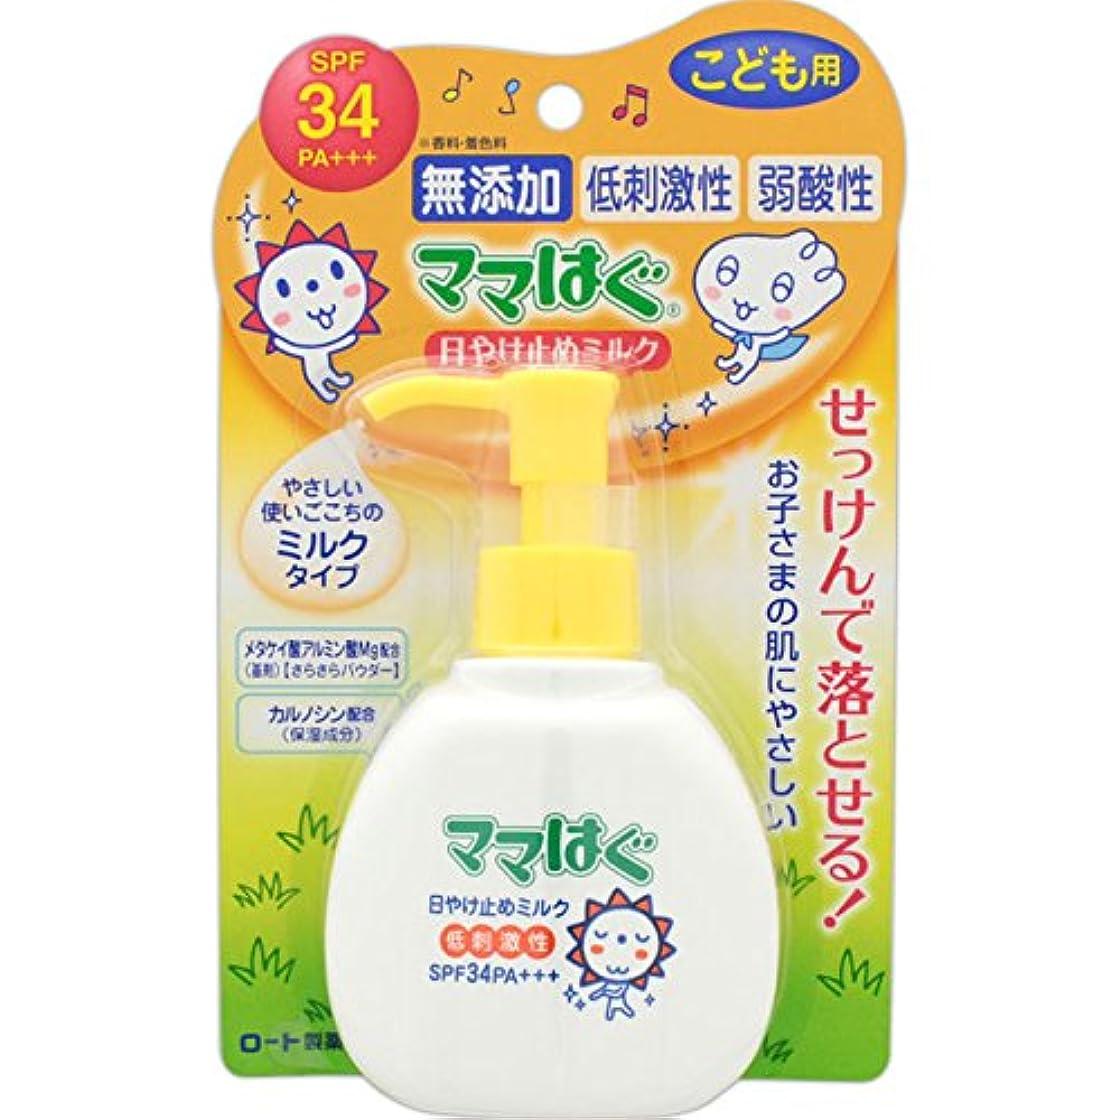 ギャング写真撮影立証するロート製薬 ママはぐ 無添加 低刺激性日やけ止めミルク SPF34 PA+++ 100g